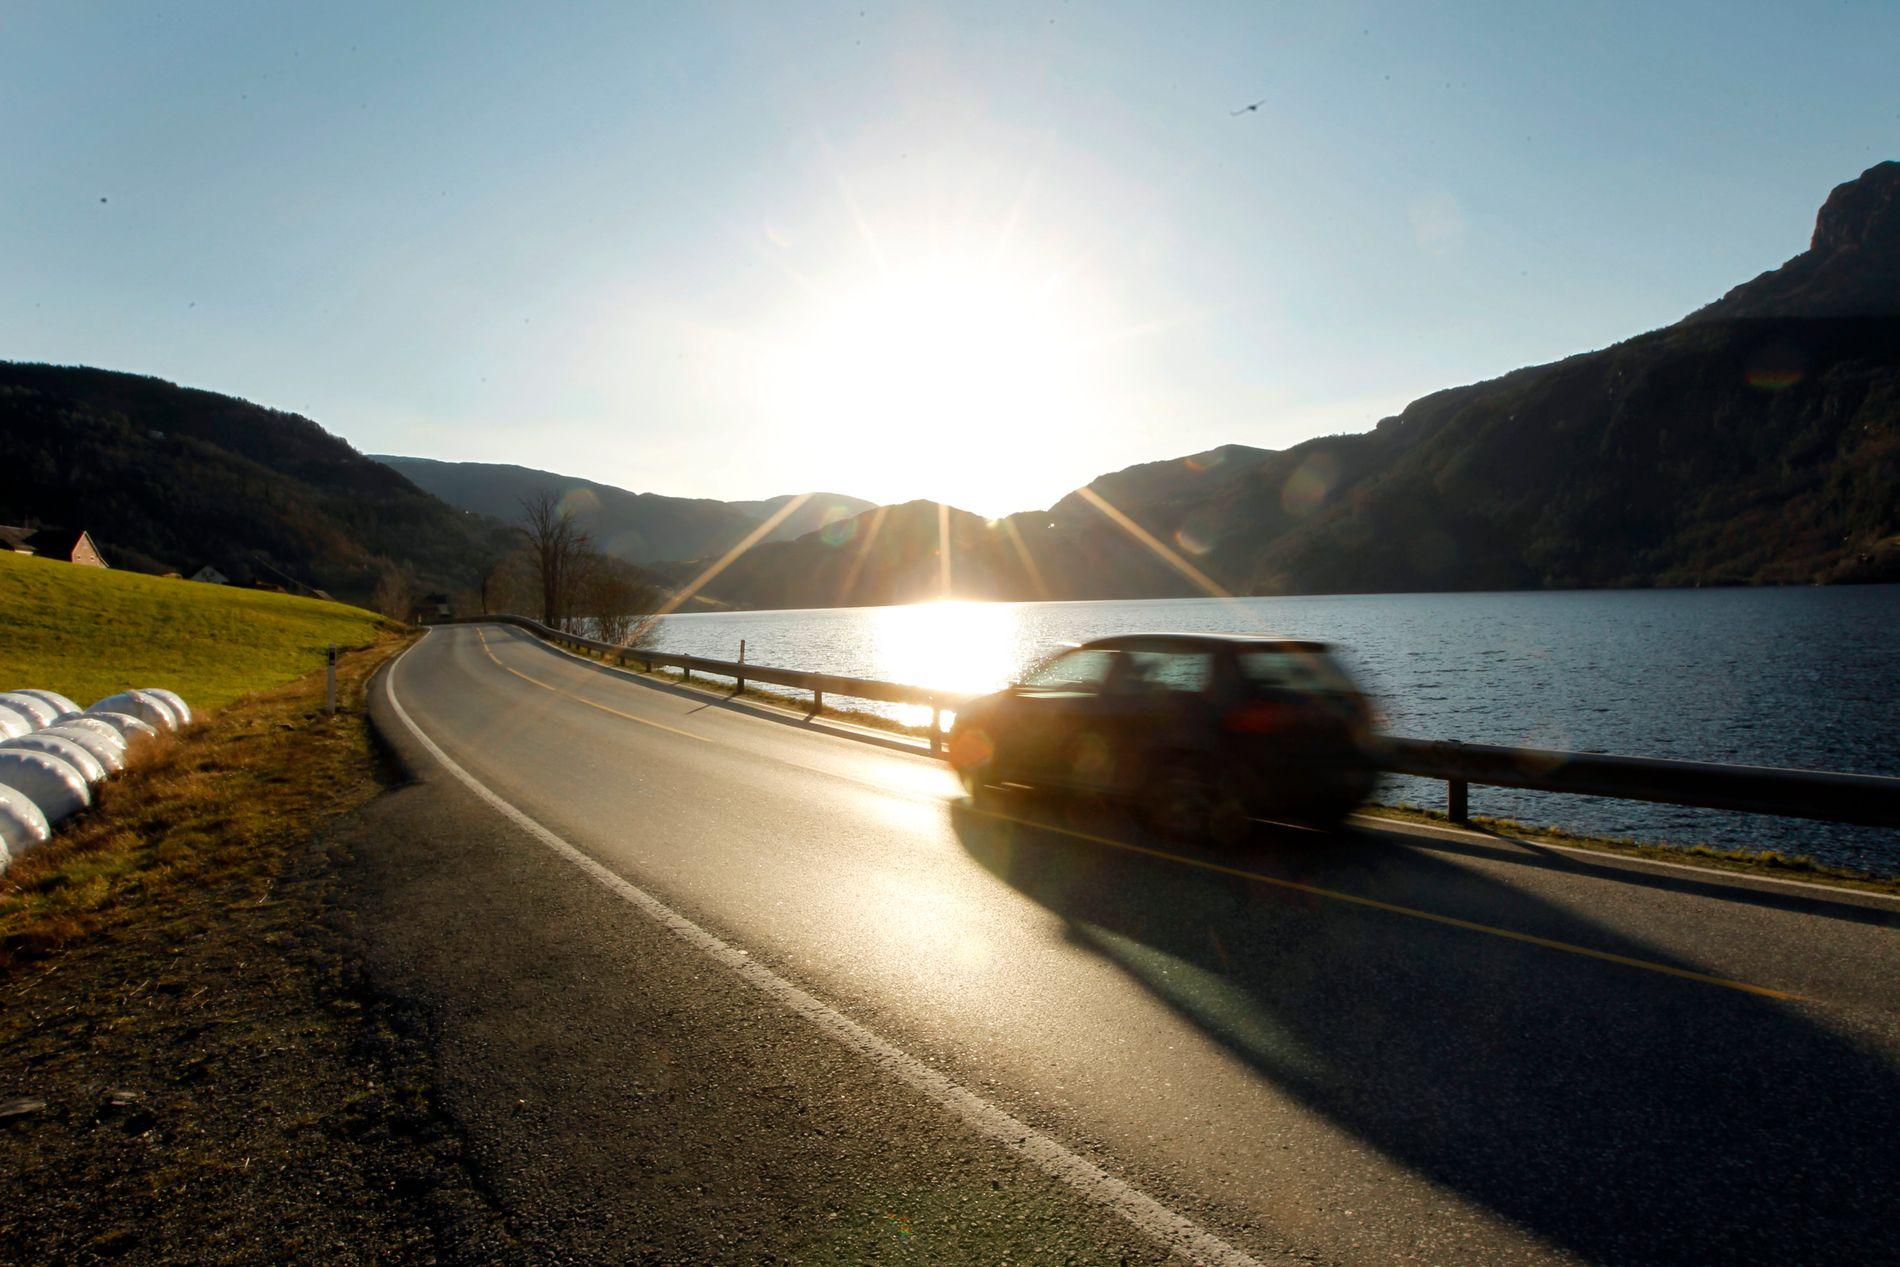 Øker risikoen: Veier med høy fartsgrense og uten midtdeler øker risikoen alvorlige trafikkulykker.